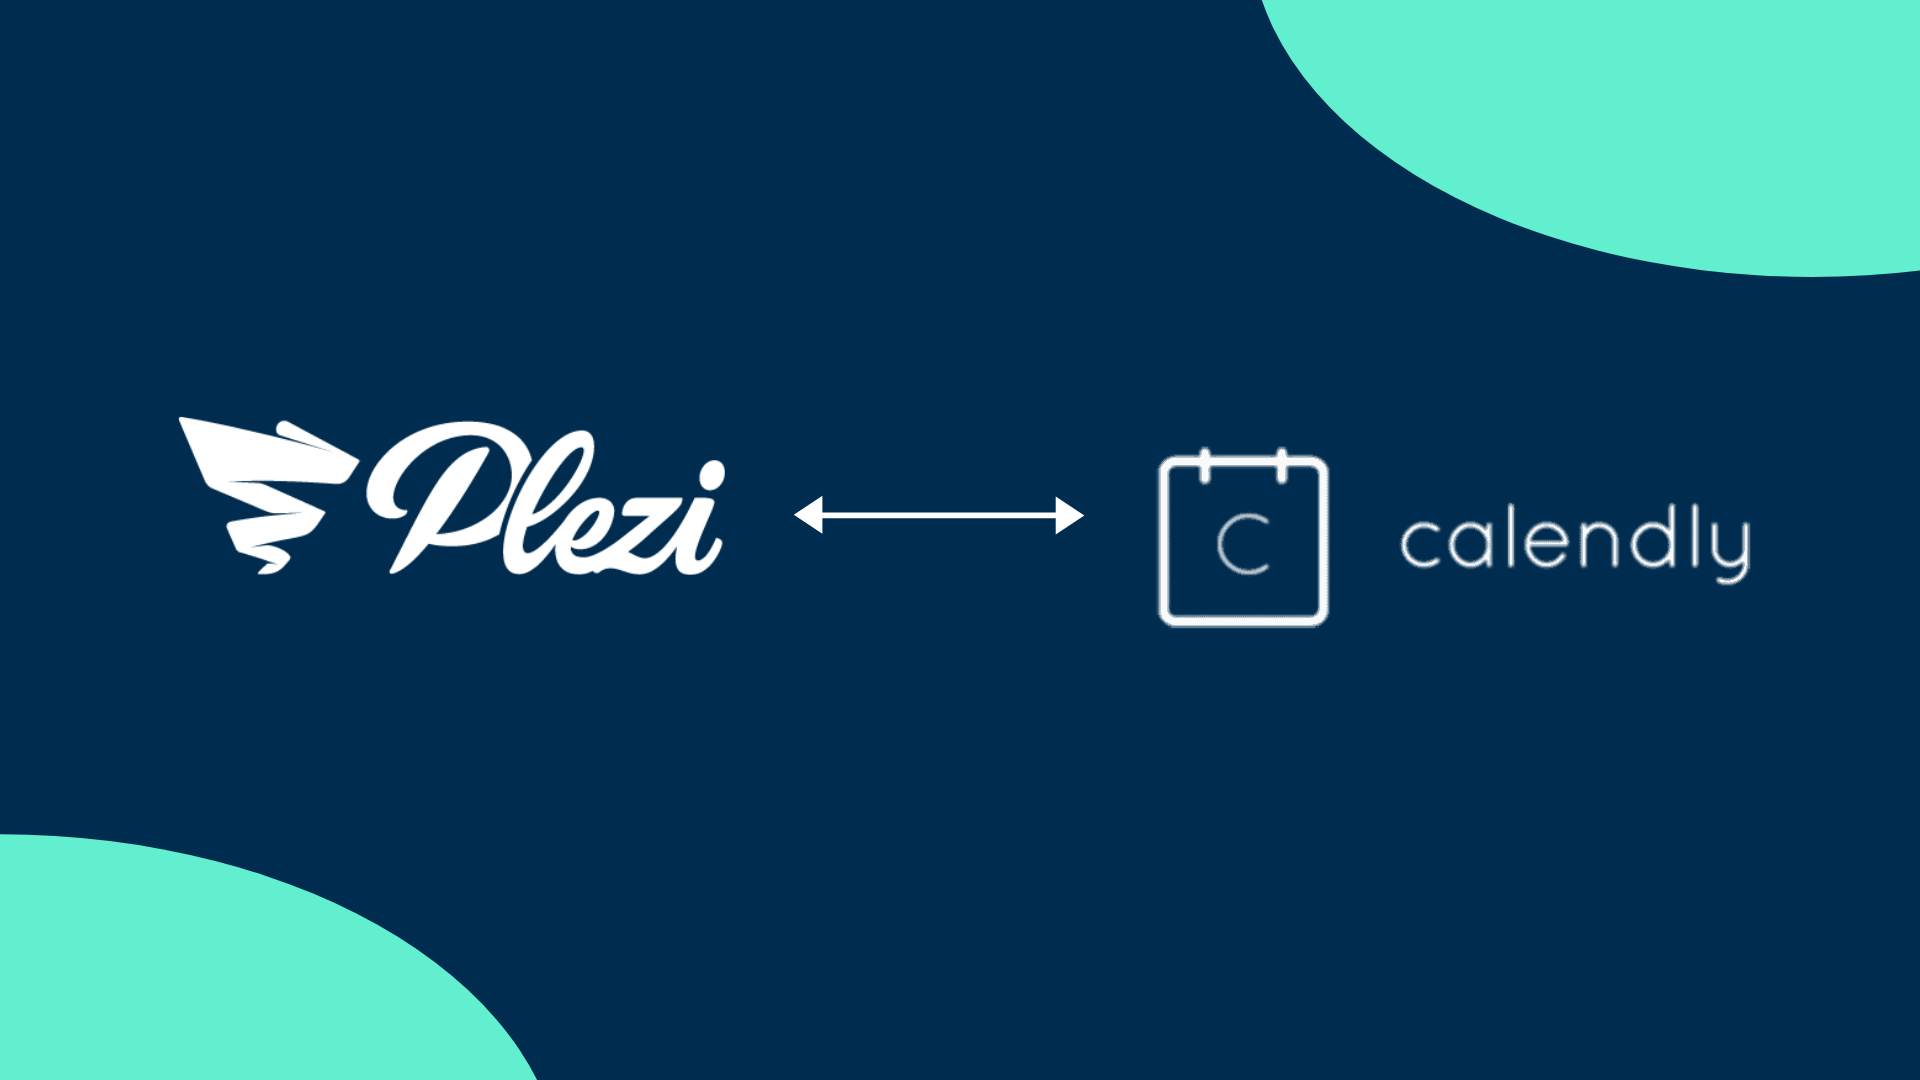 logo intégration Plezi x Calendly